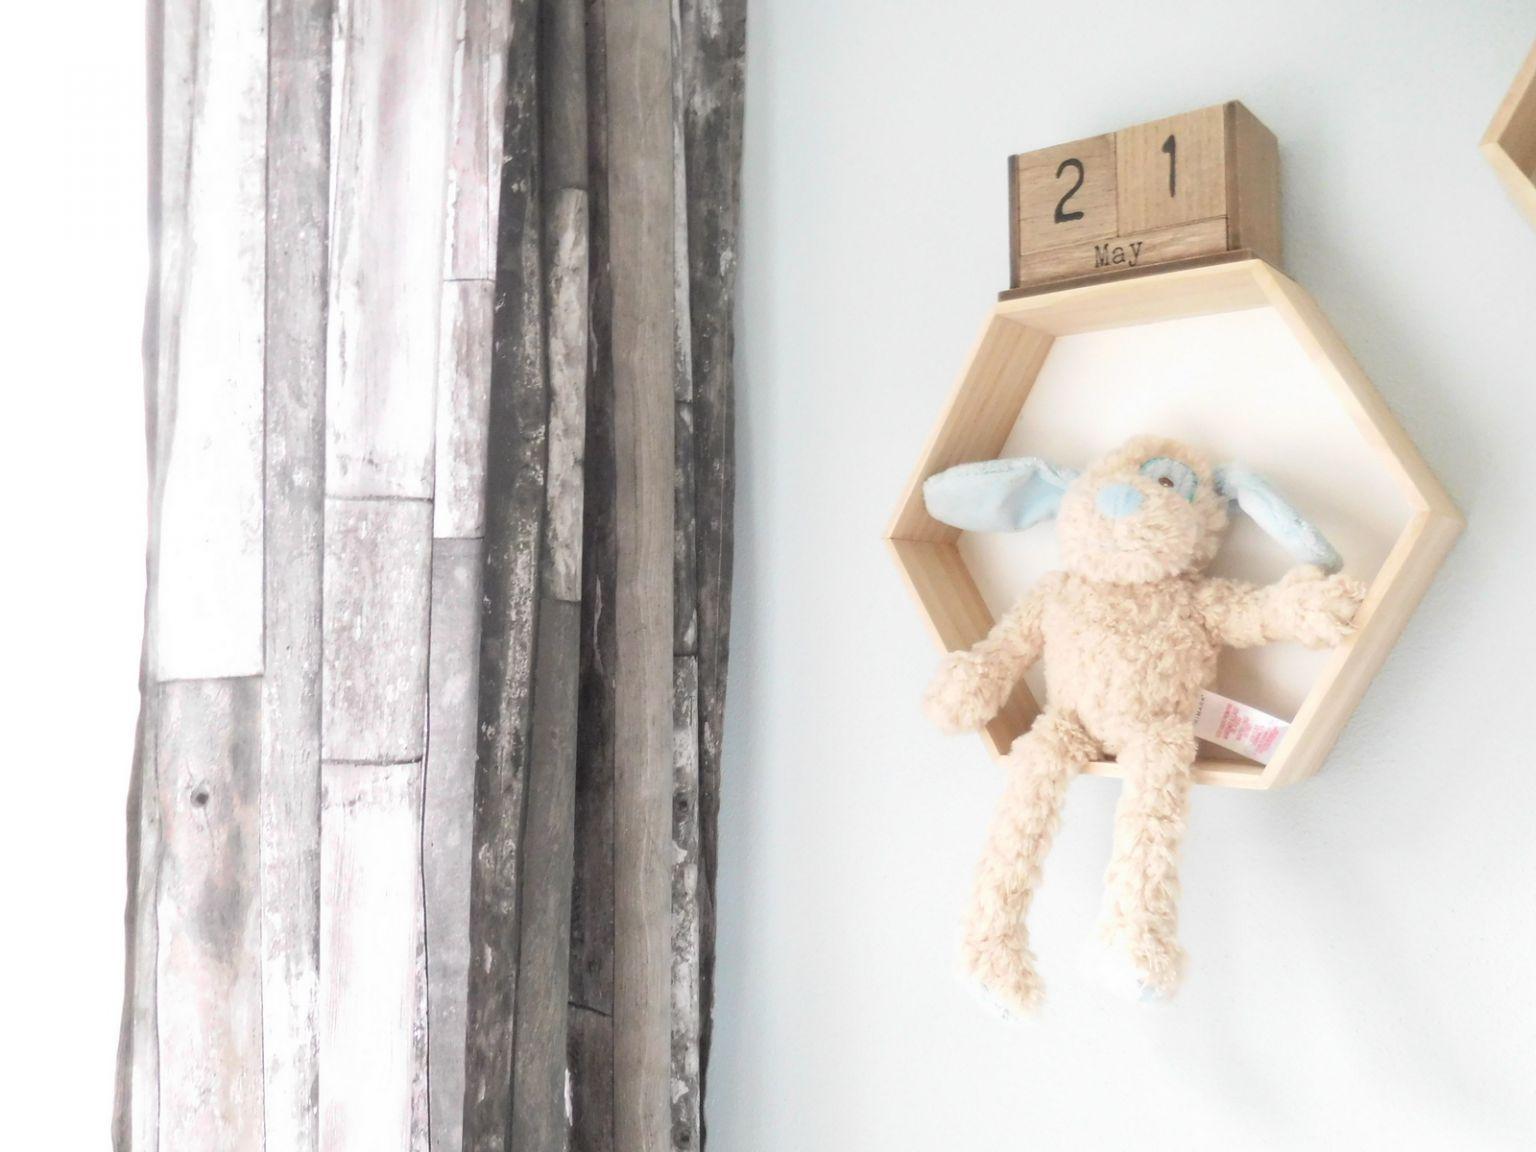 babykamer babyjongenskamer, baby slaapkamer, interieur babykamer ...